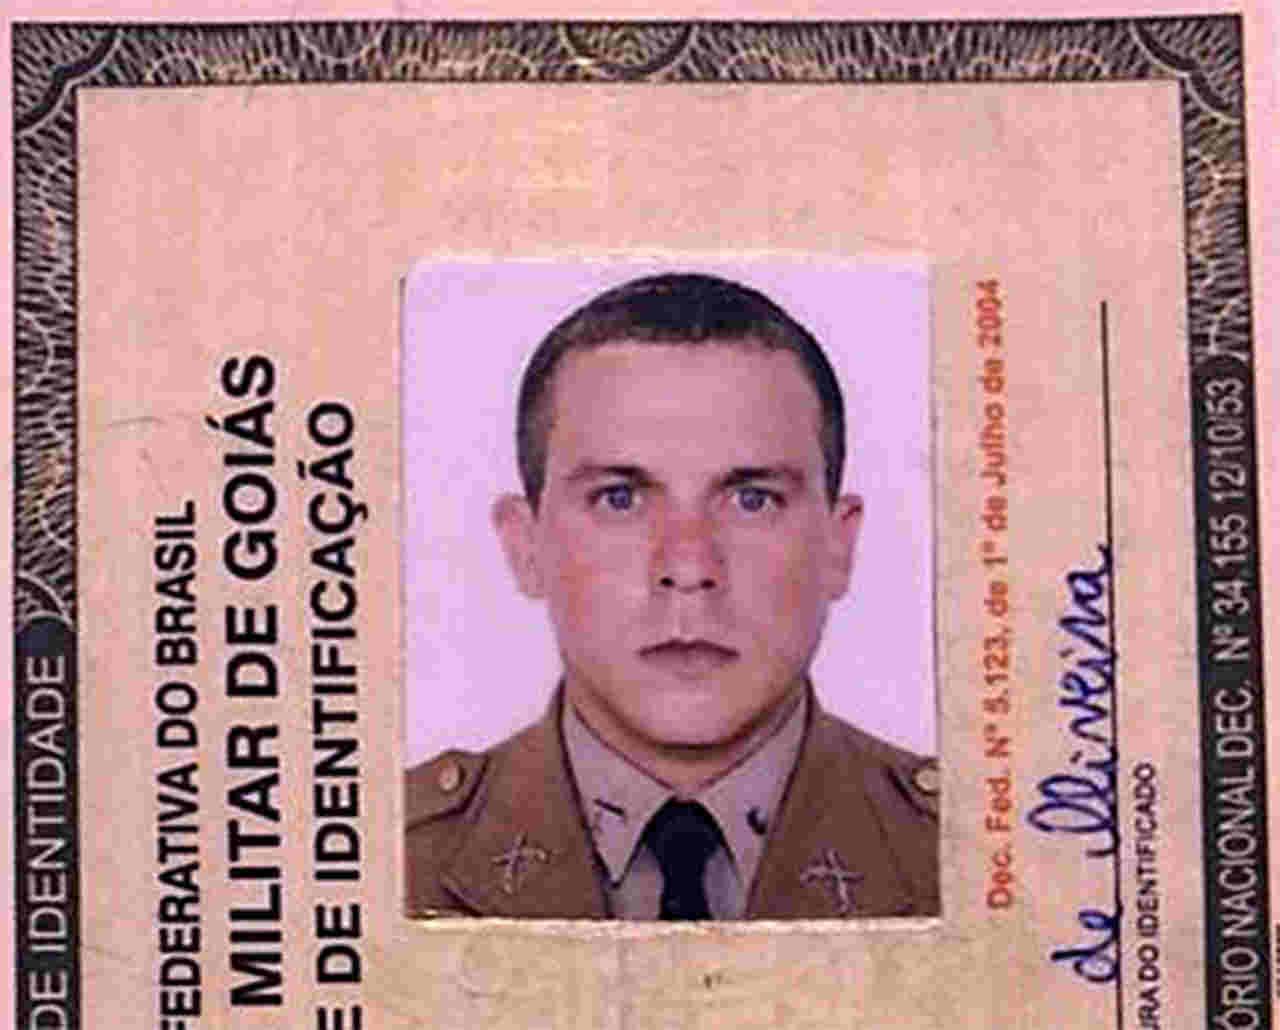 Soldado de 3ª classe Flávio Farias de Oliveira, de 31 anos, matou amigo com um disparo acidental e depois tirou a própria vida | Foto: Reprodução